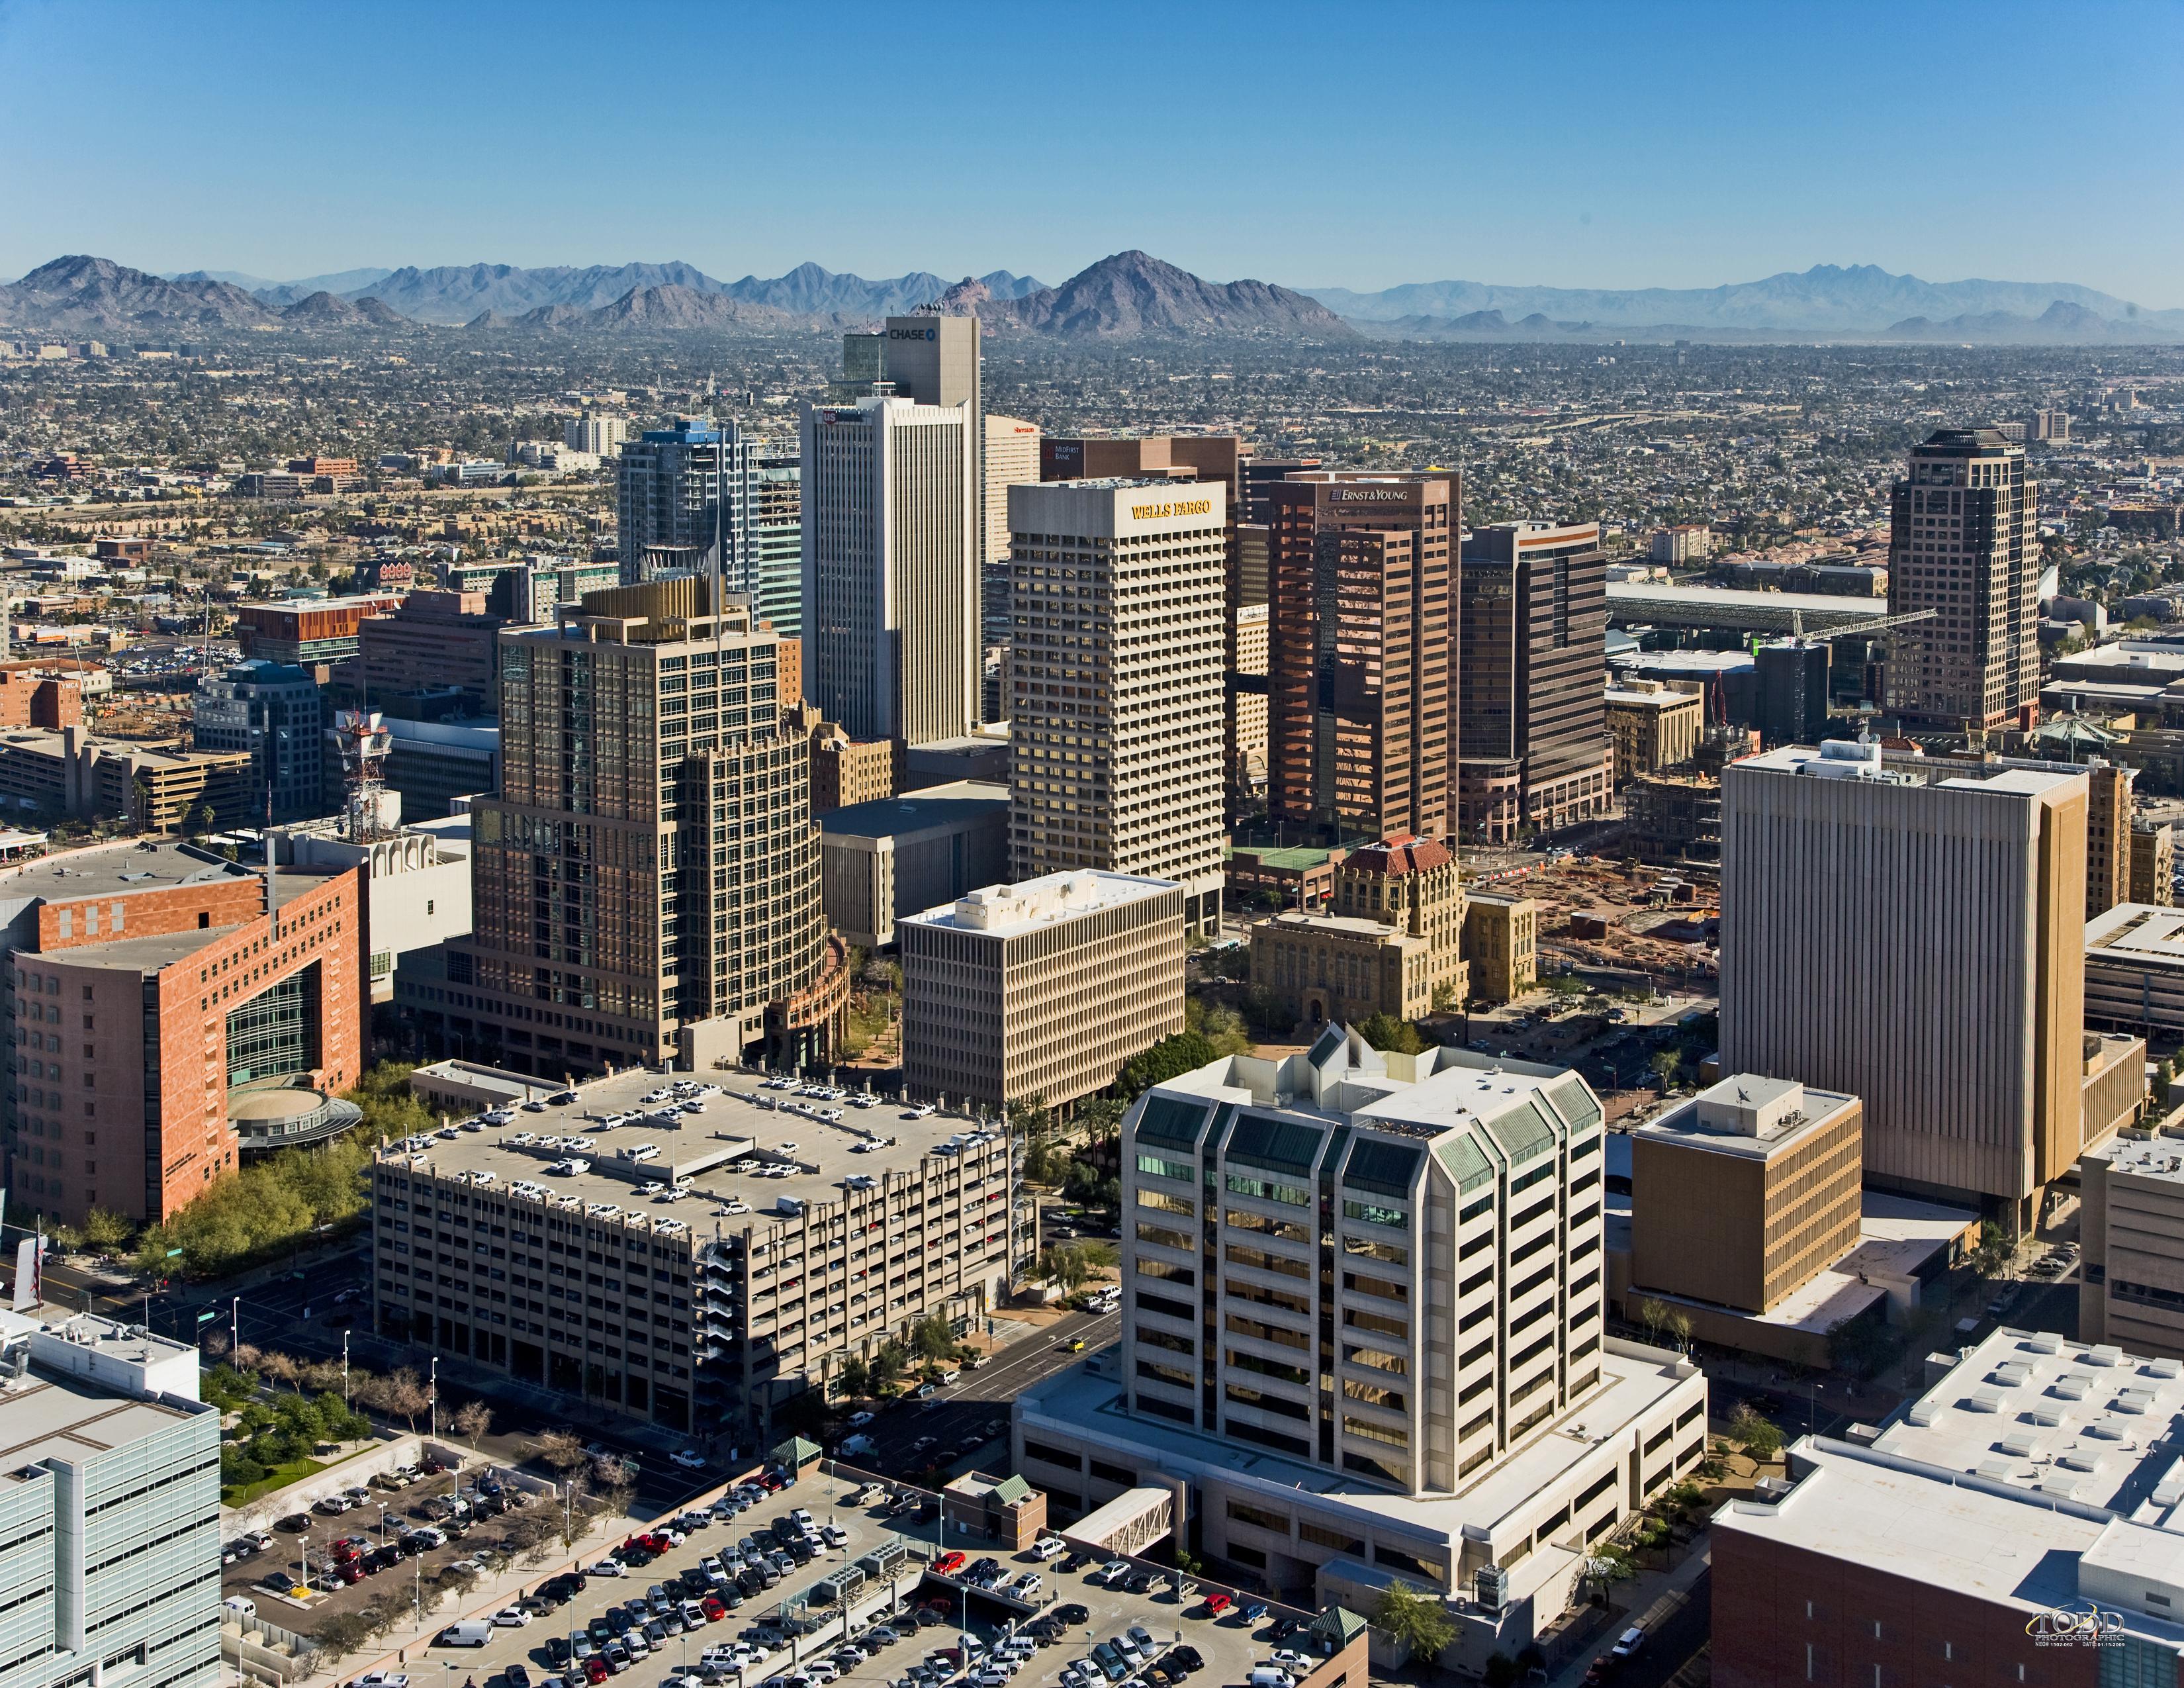 Downtown_Phoenix_Aerial_Looking_Northeast